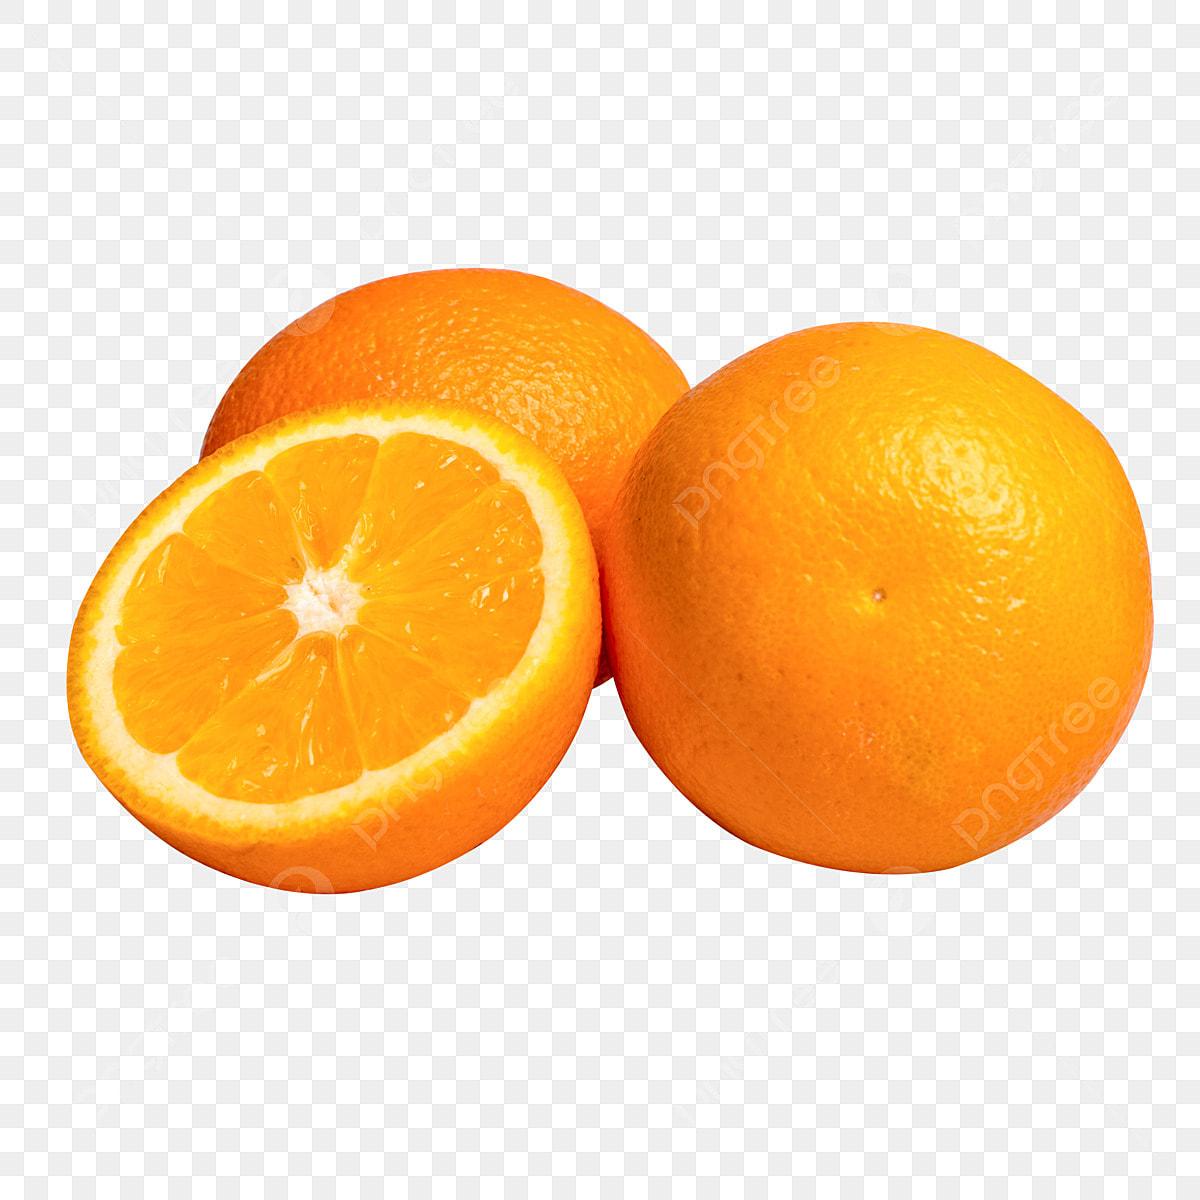 gambar jeruk png vektor psd dan clipart dengan latar belakang transparan untuk download gratis pngtree https id pngtree com freepng nutritious fruit orange 4672315 html